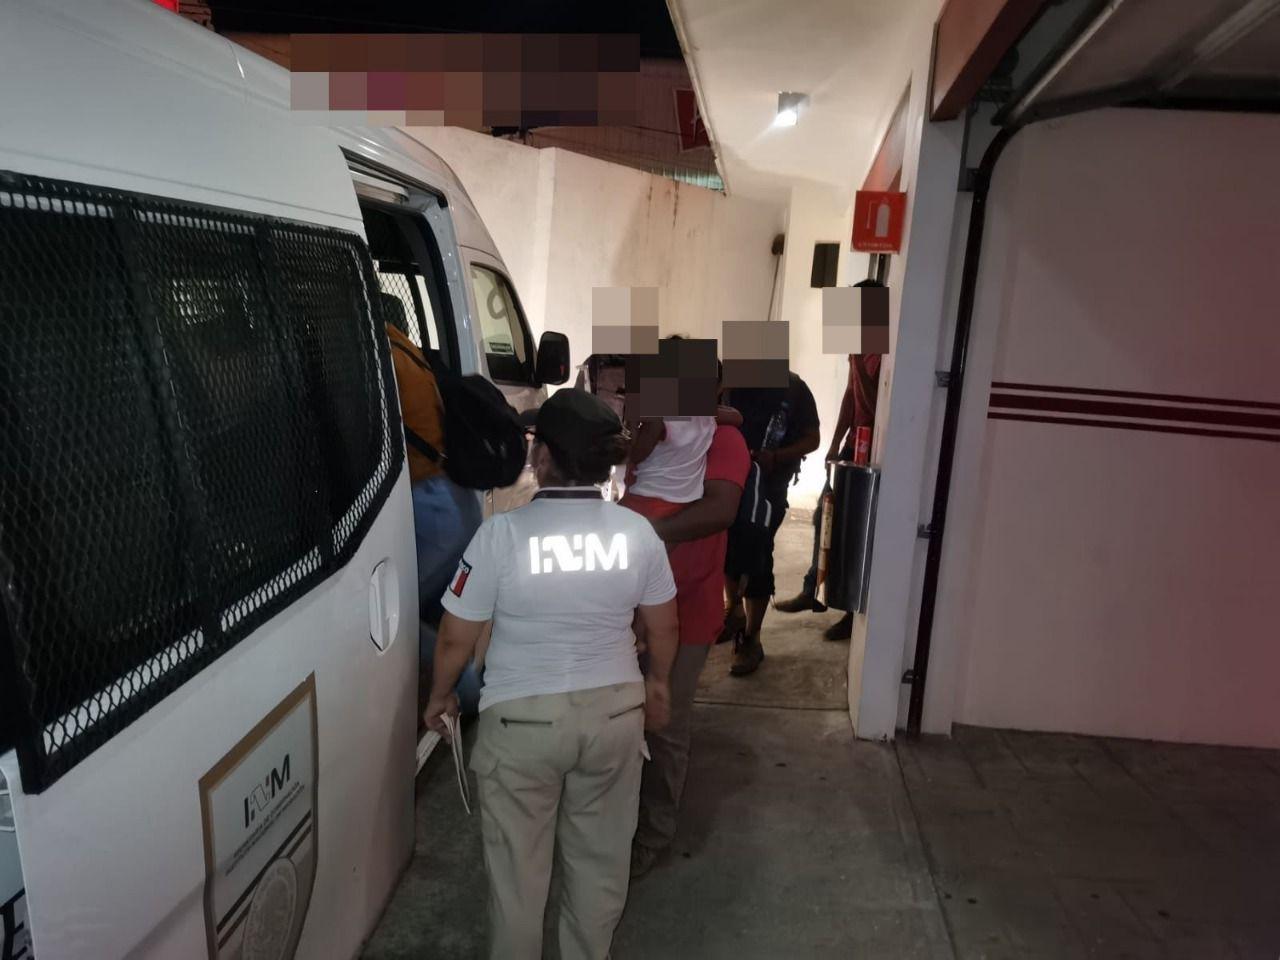 En el sur de Veracruz, SSP rescató 34 migrantes originarios de Honduras y El Salvador